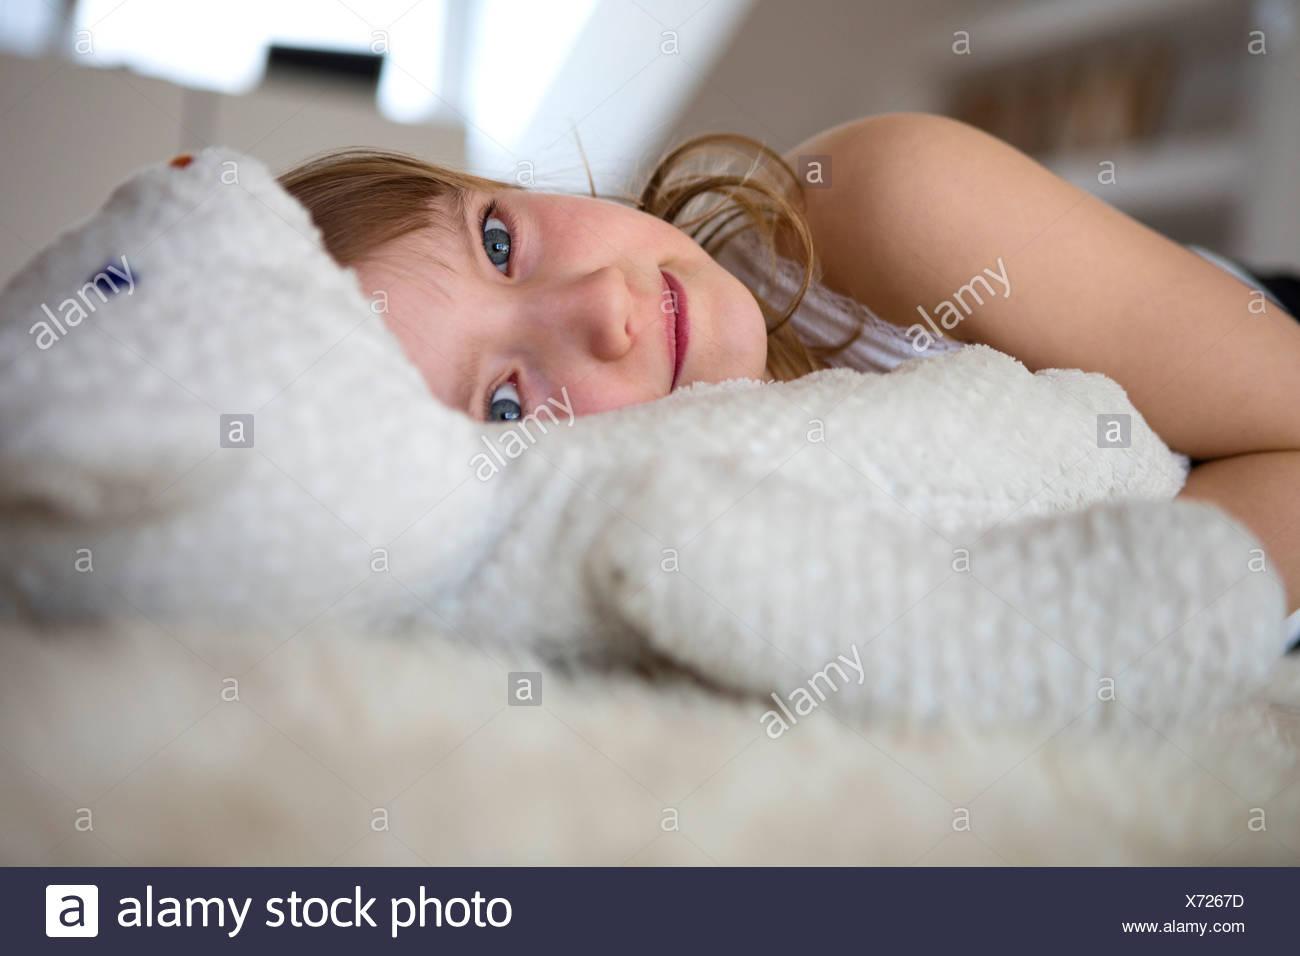 Mädchen mit Teddybär auf pelzigen Bett liegend Stockbild